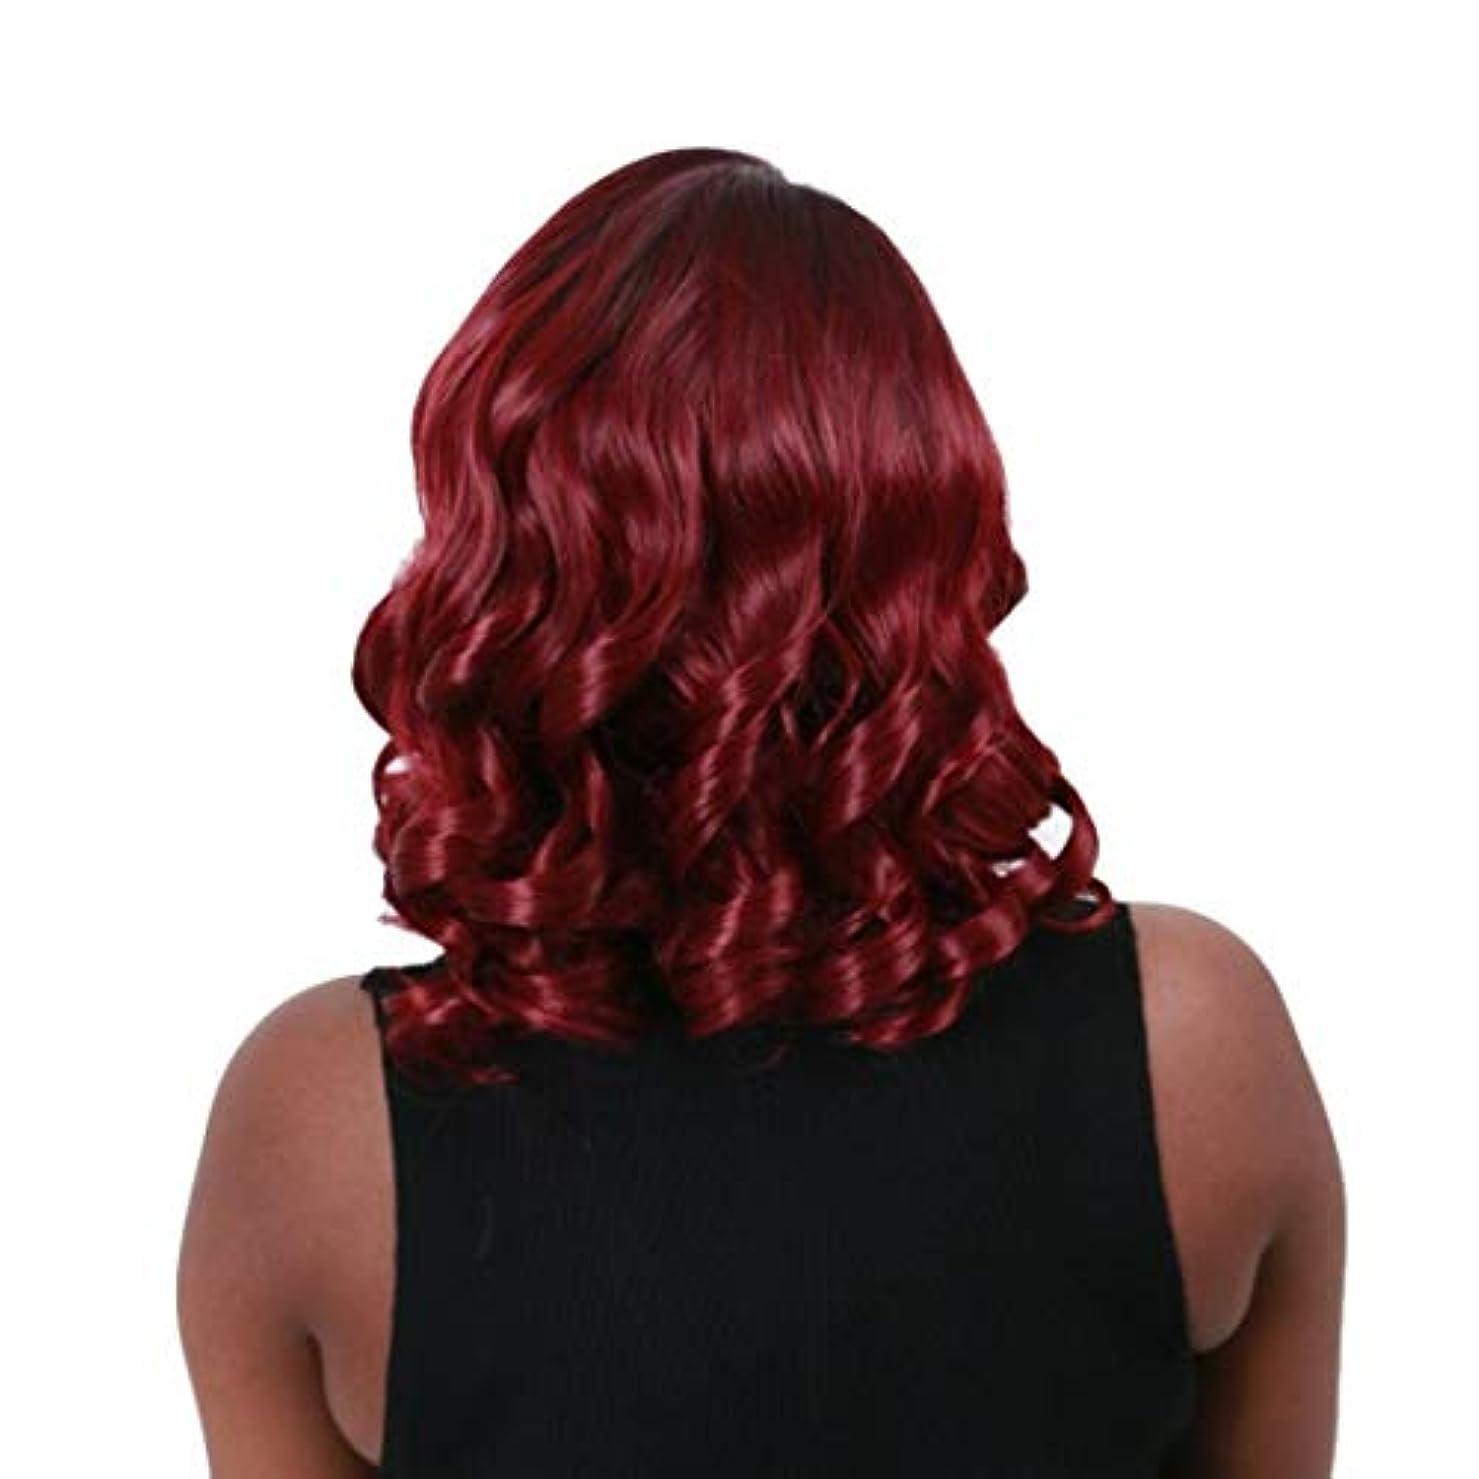 サミュエルシンボルアニメーションKerwinner 女性のための短い波状の合成かつらかつら短いふわふわボブ変態